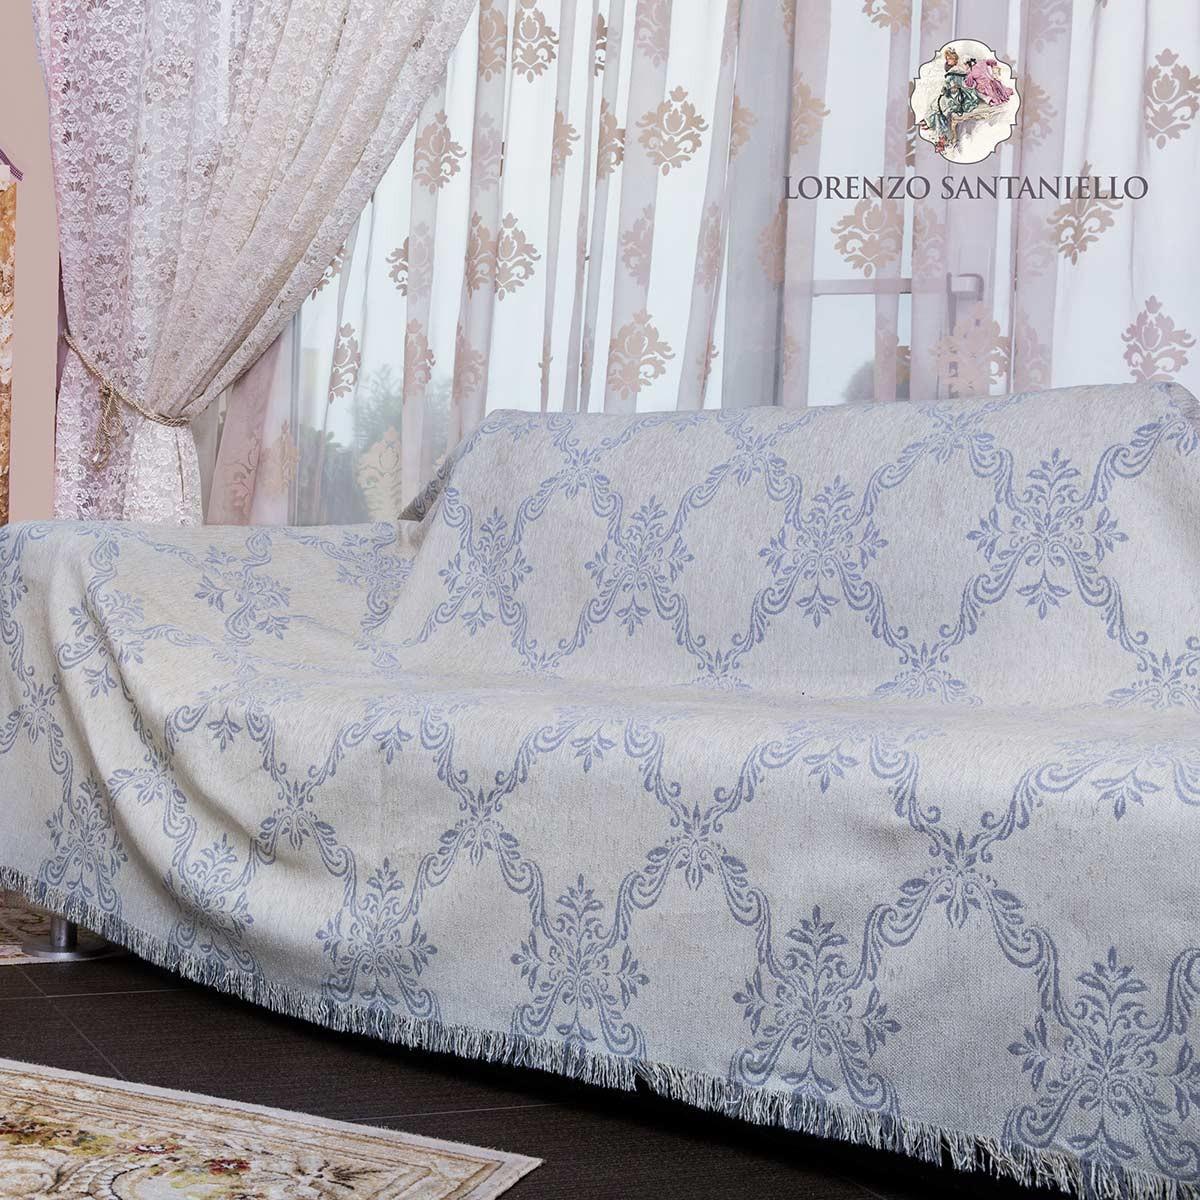 Ριχτάρι Διθέσιου (180x250) Lorenzo Santaniello Baroque Ivory